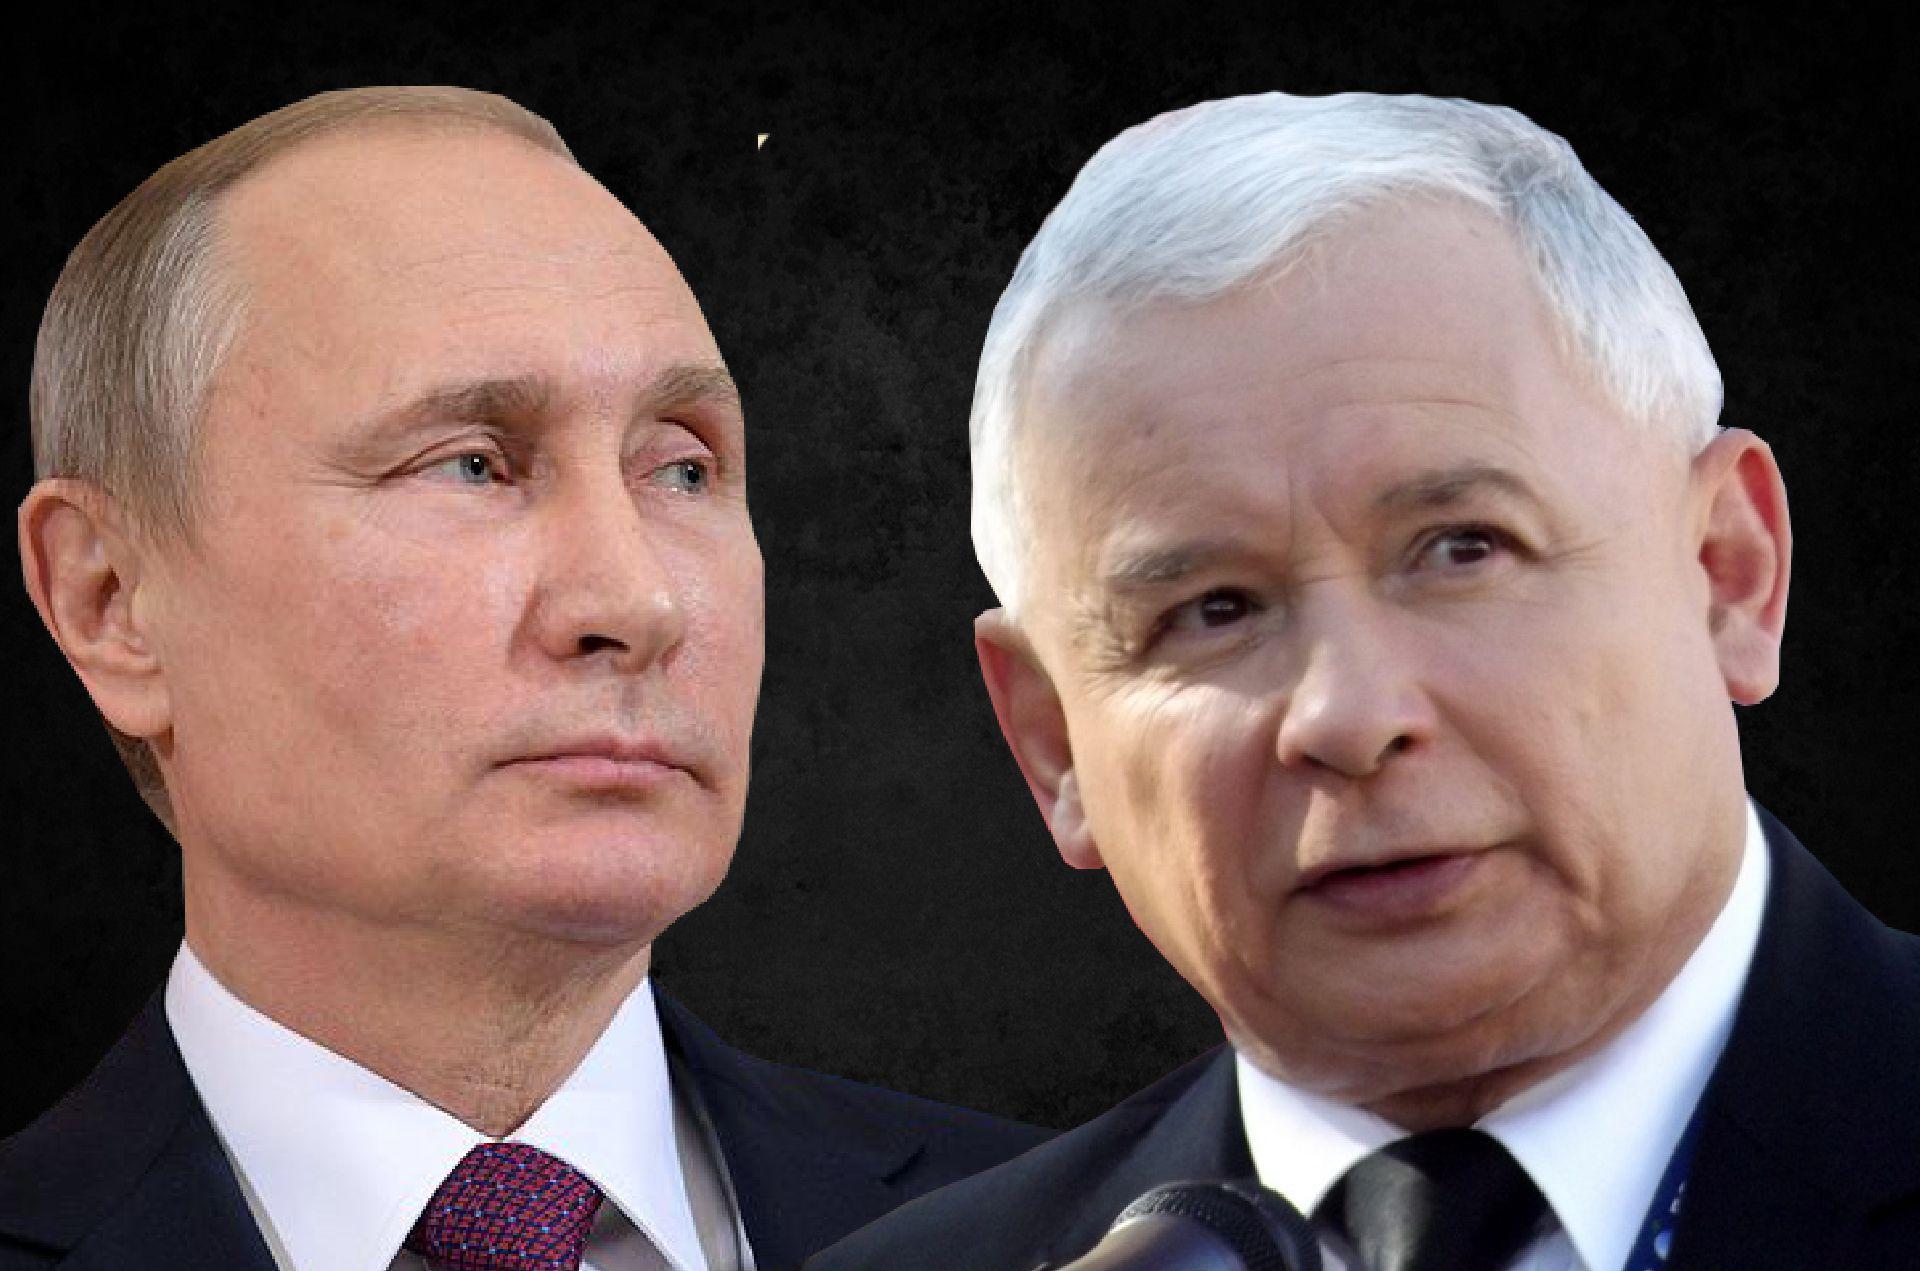 Dzieje się! Rząd PiS postawił Rosji oficjalne żądanie